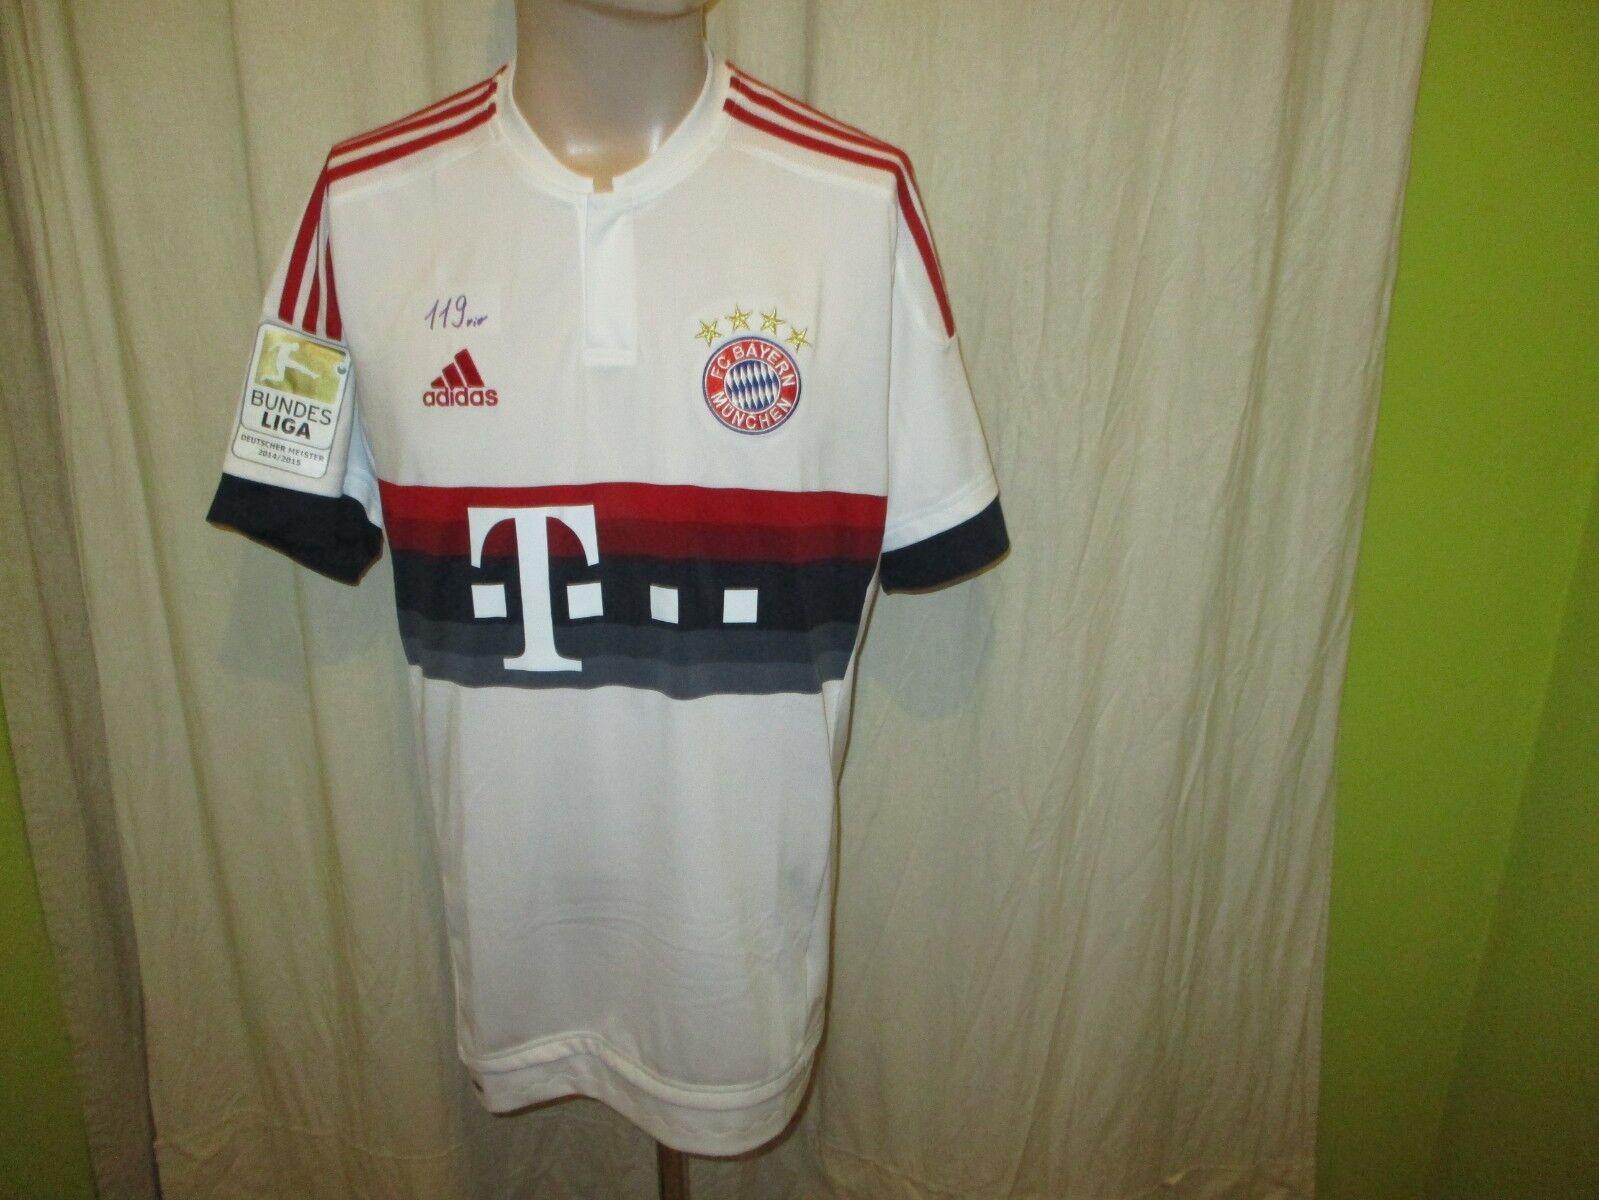 FC Bayern Bayern Bayern München Original Adidas Auswärts Trikot 2015 16  -T- - -  Gr.L Neu e2dcdf